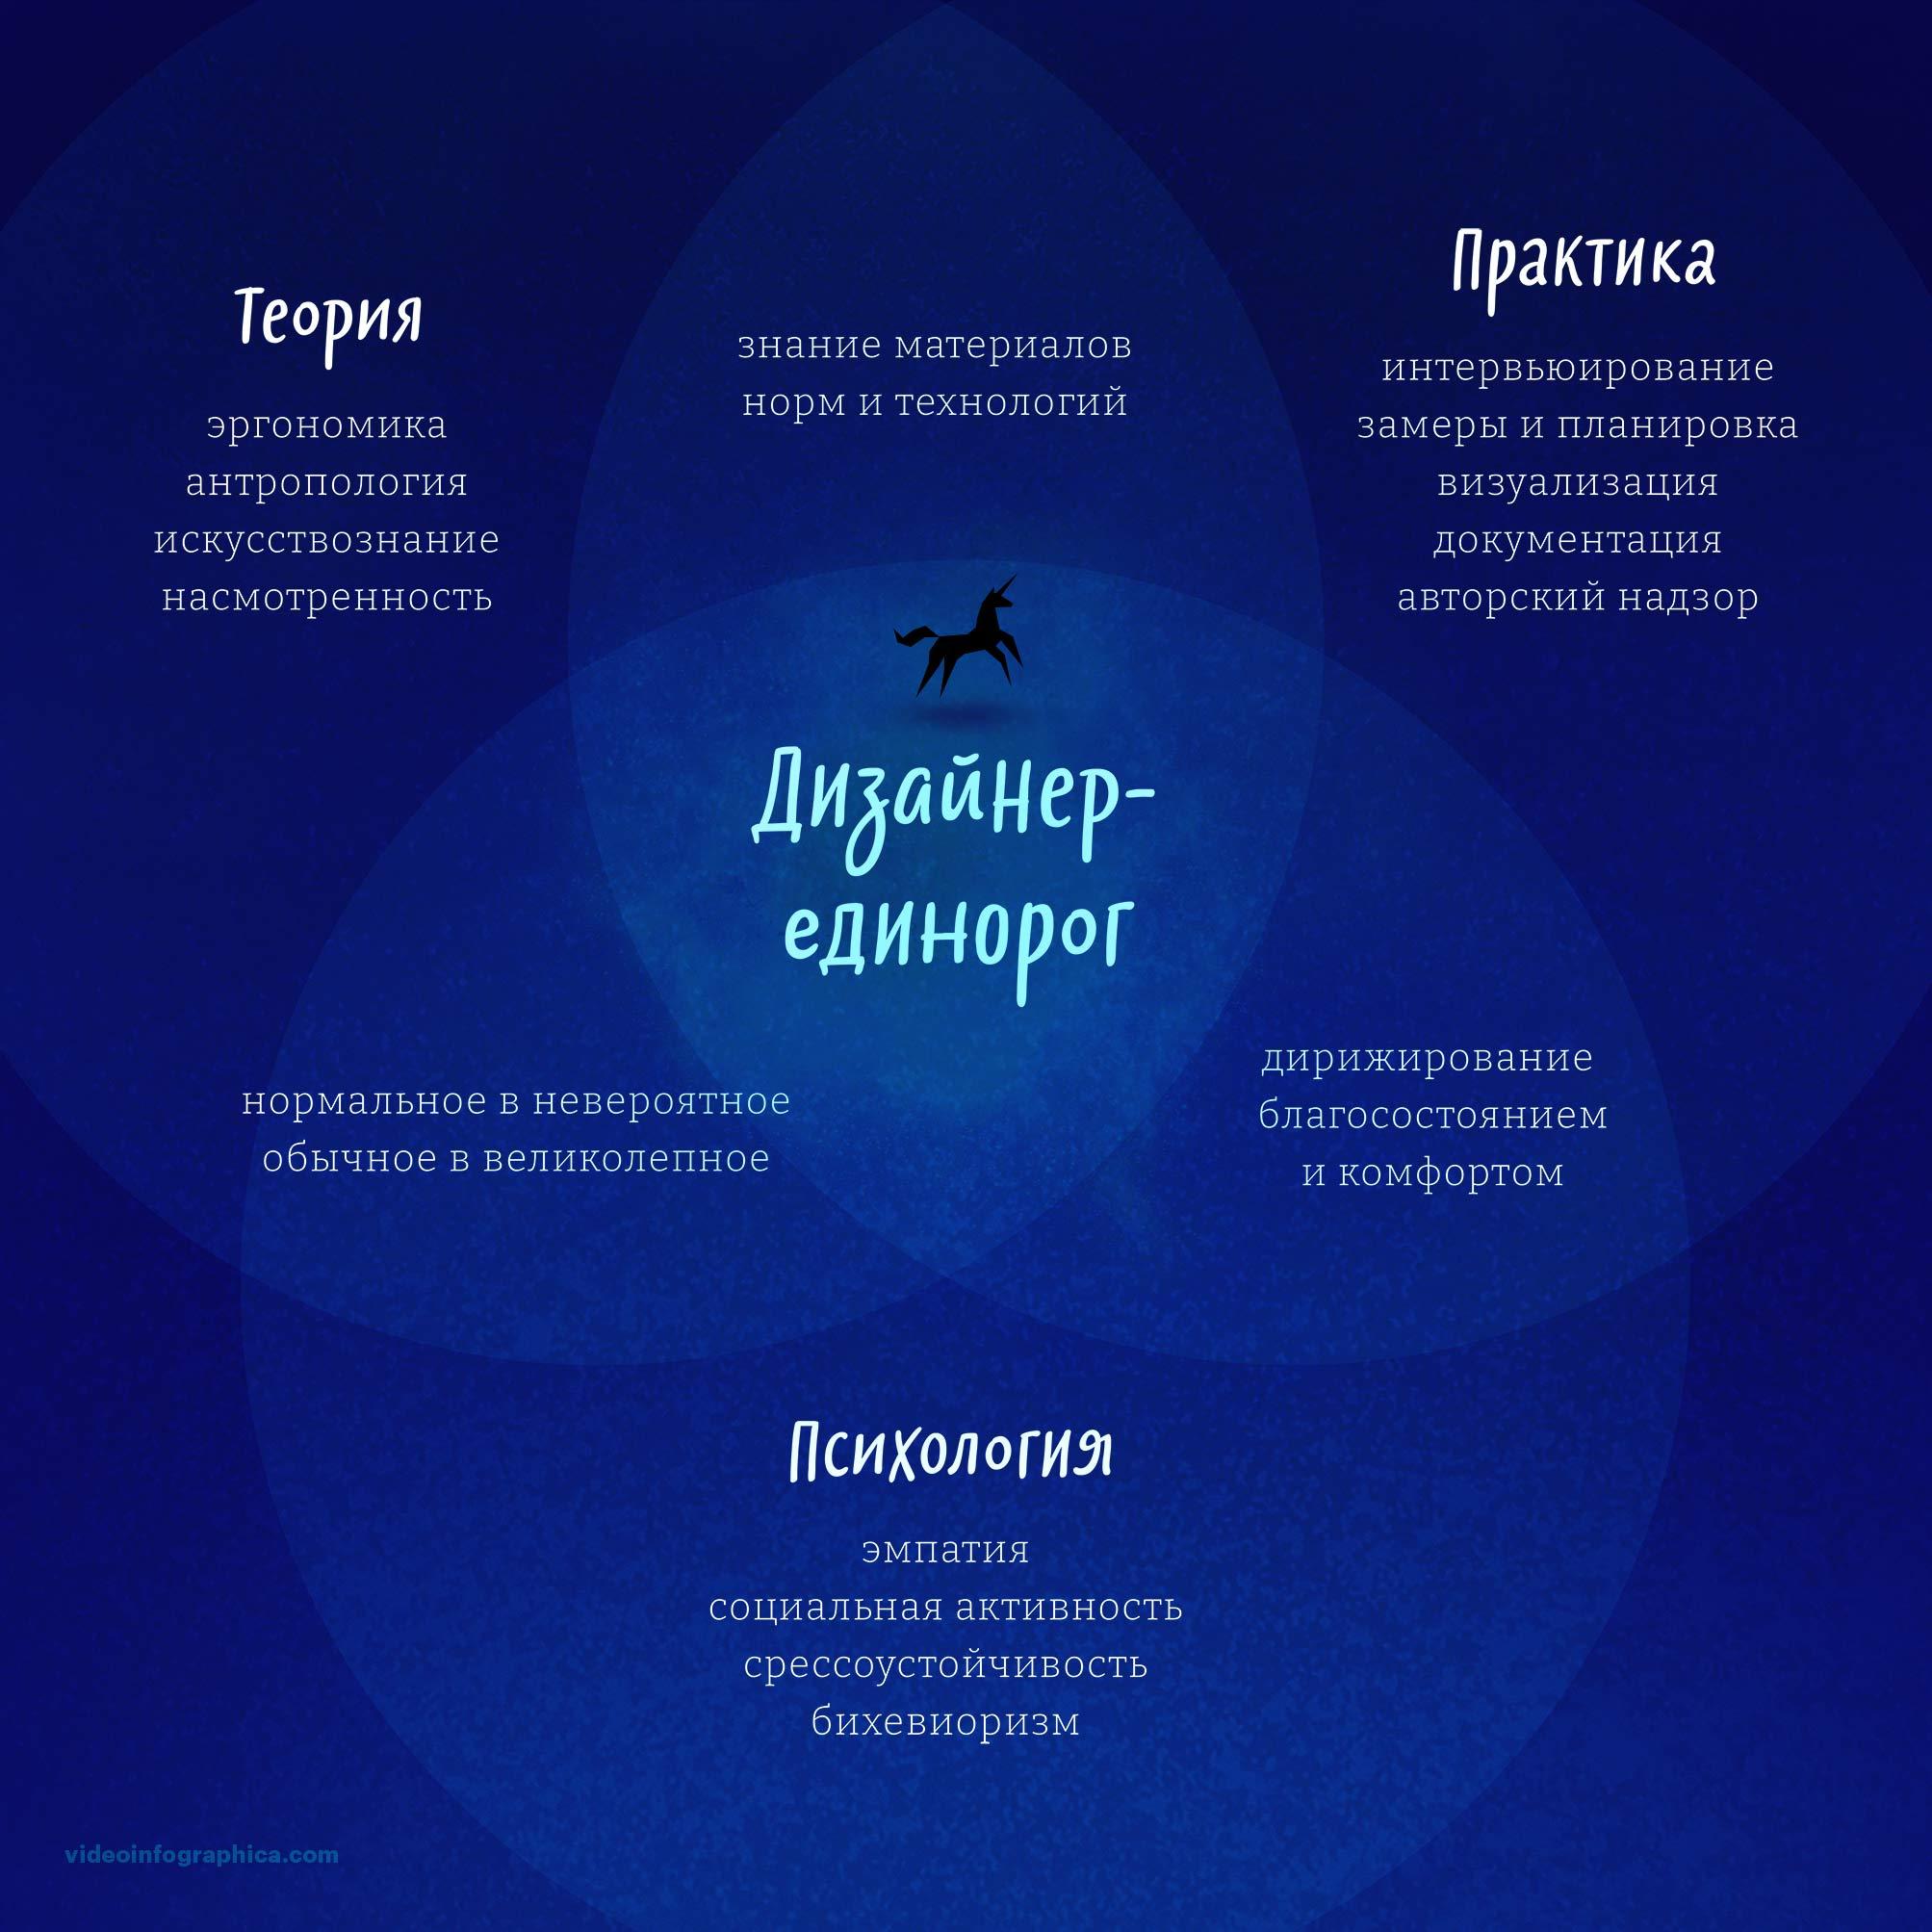 Что должен знать и уметь дизайнер - Инфографика